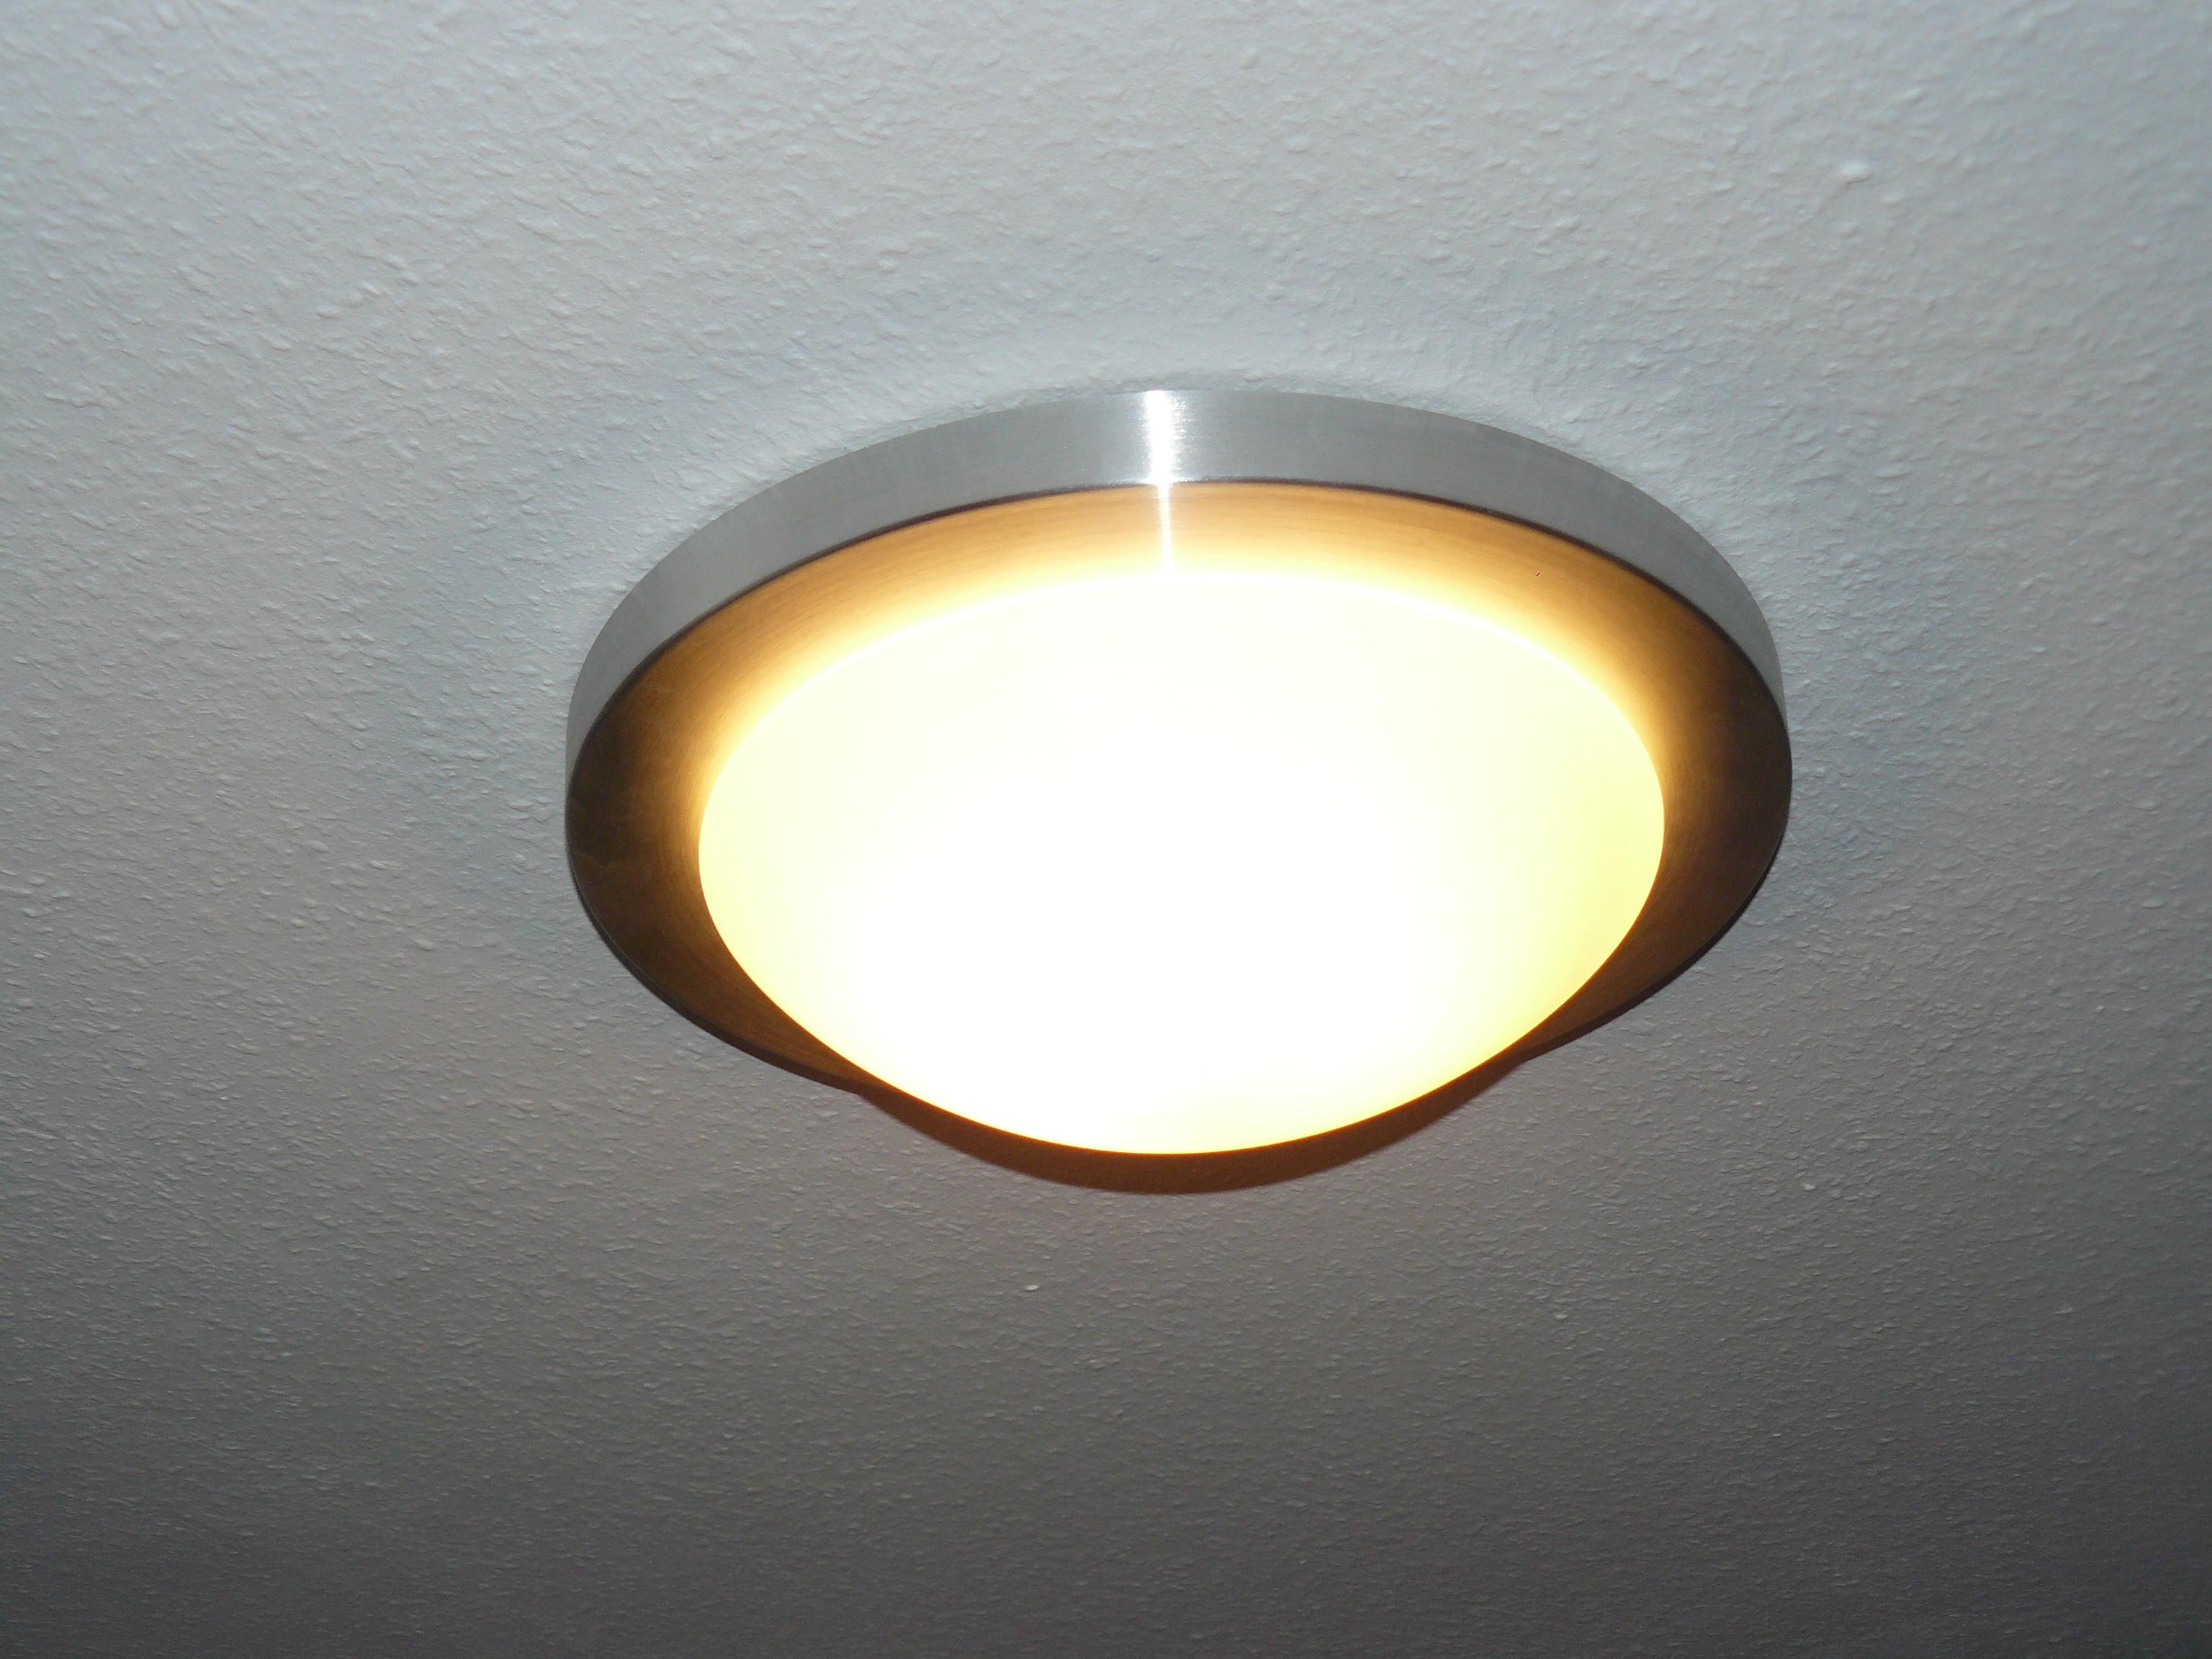 Lampe Abstellraum (beleuchtet)